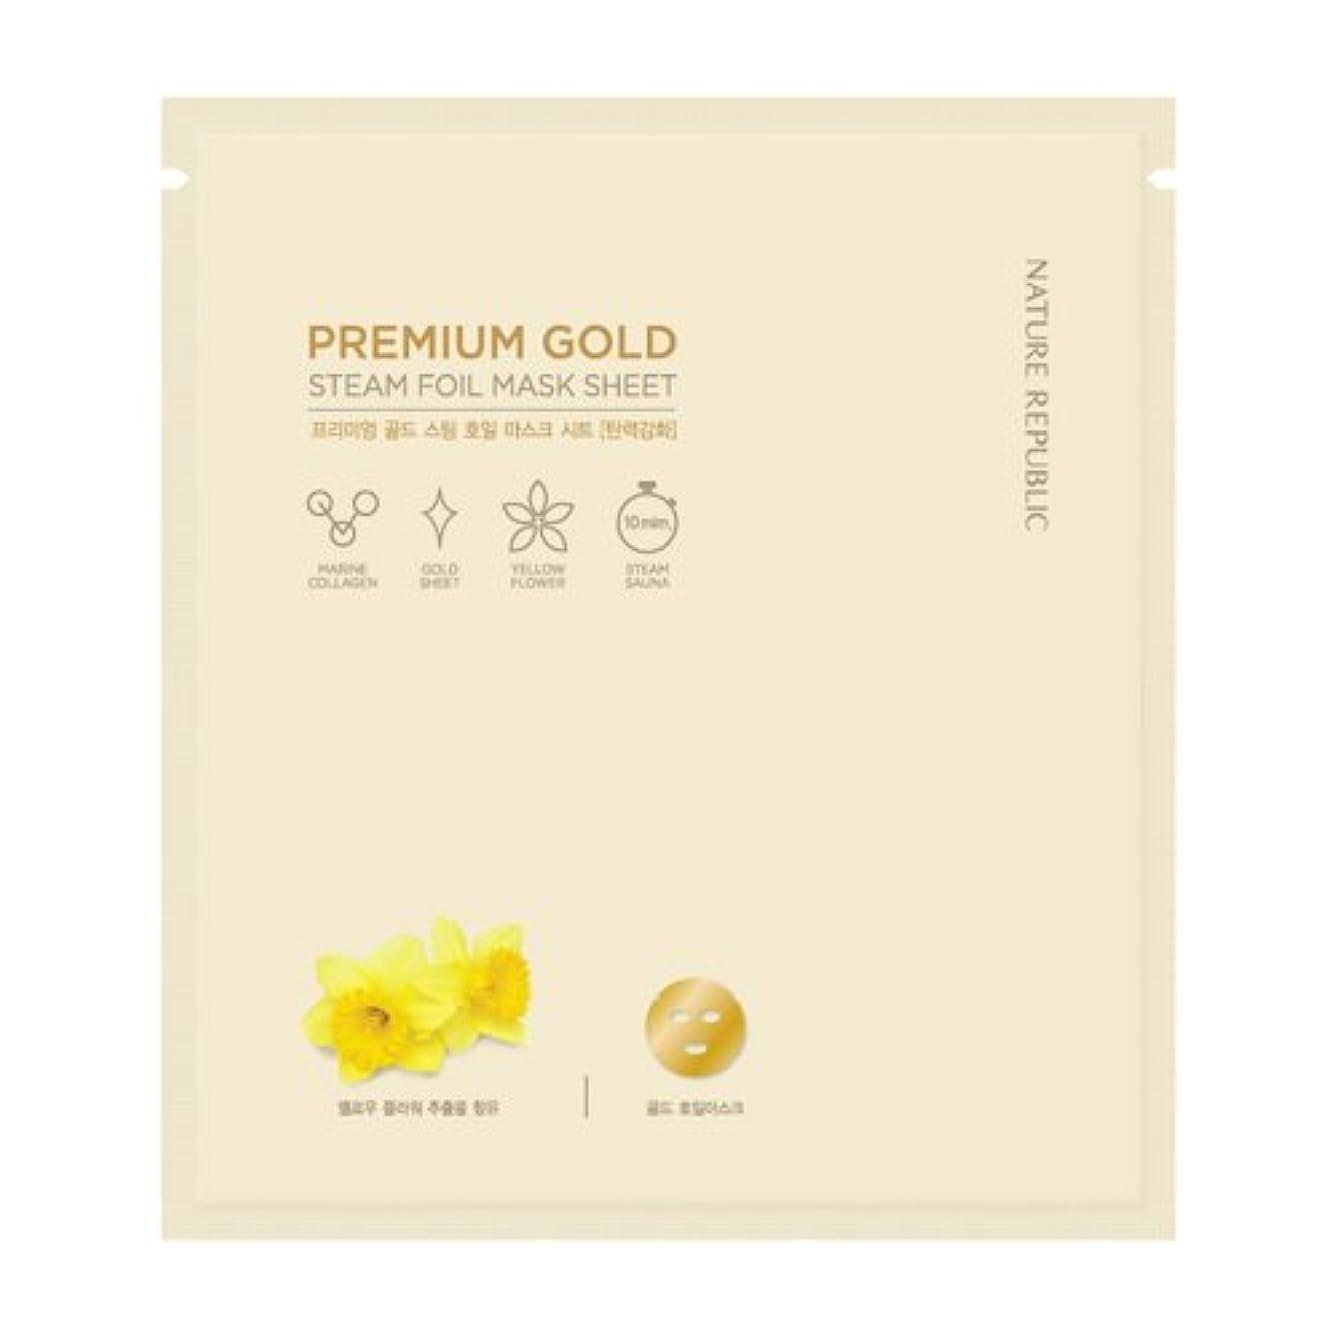 洪水マーキーミシン目Nature Republic Premium Gold Steam Foil Mask Sheet [5ea] ネーチャーリパブリック プレミアムゴールドスチームホイルマスクシート [5枚] [並行輸入品]